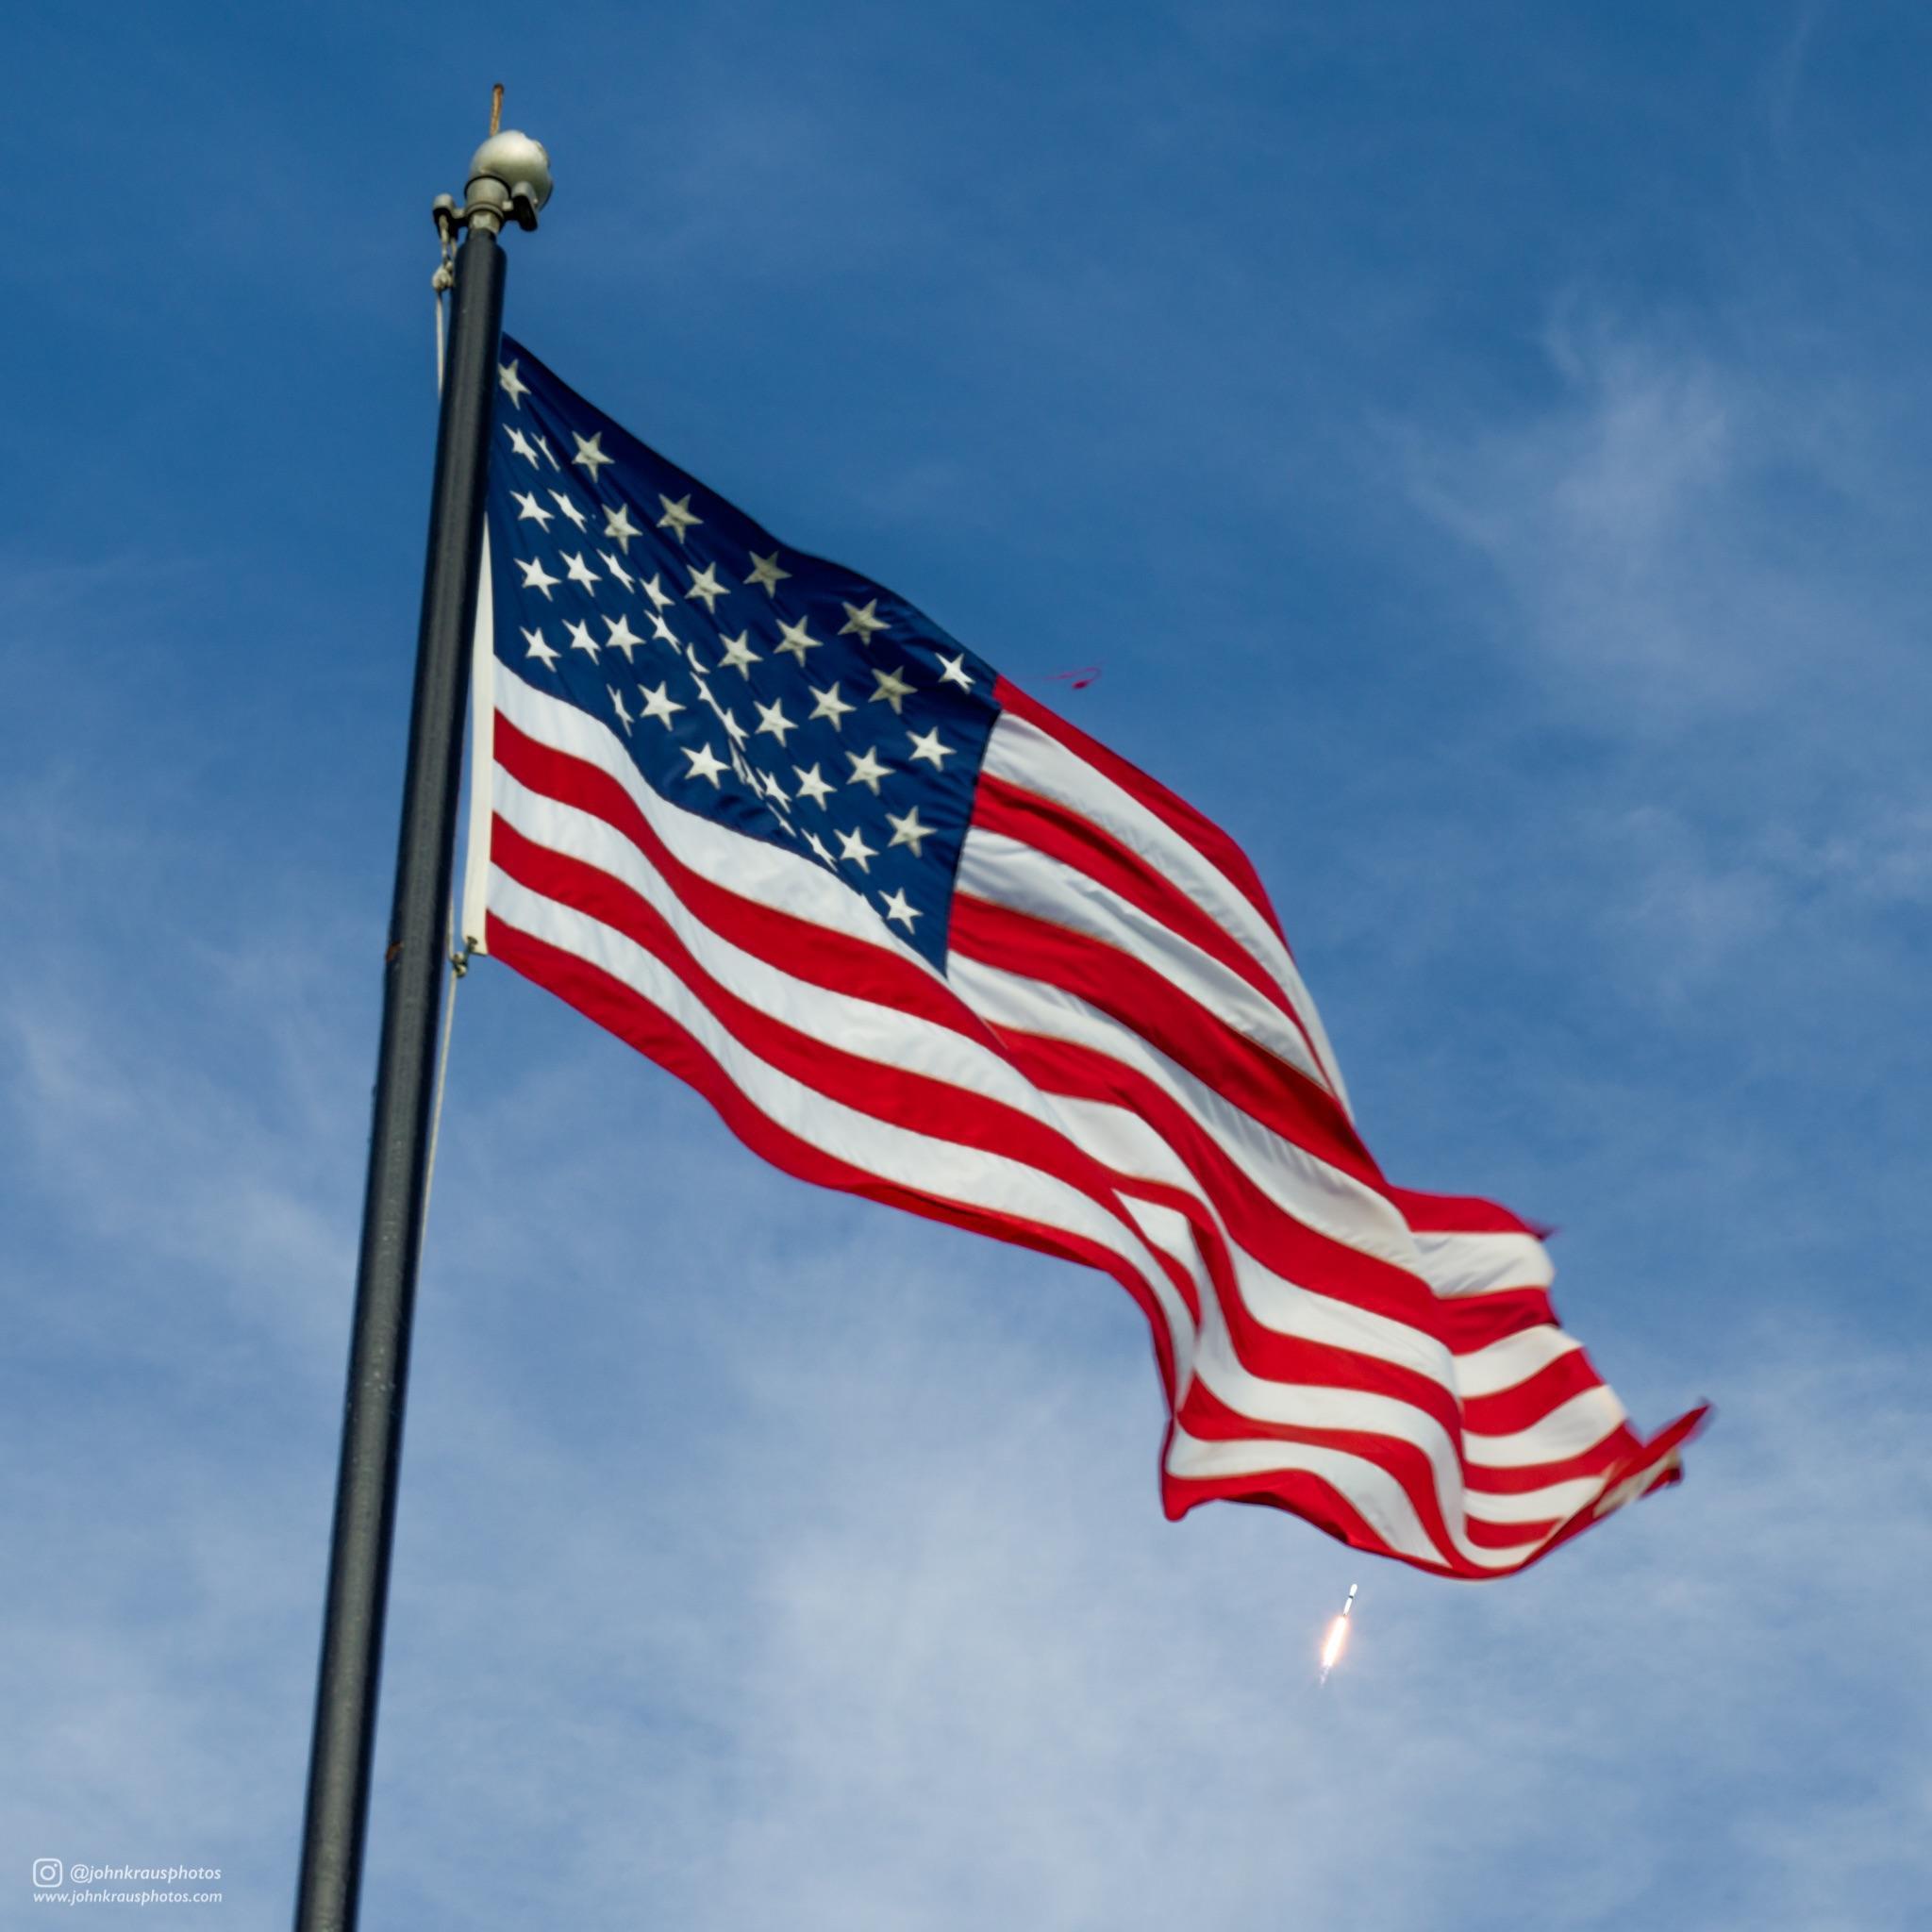 Mỹ hết tầm gửi vào Nga, dừng 'đốt' 90 triệu USD cho 1 chiếc ghế: Bí mật từ 6 chữ S.P.A.C.E.X - Ảnh 17.